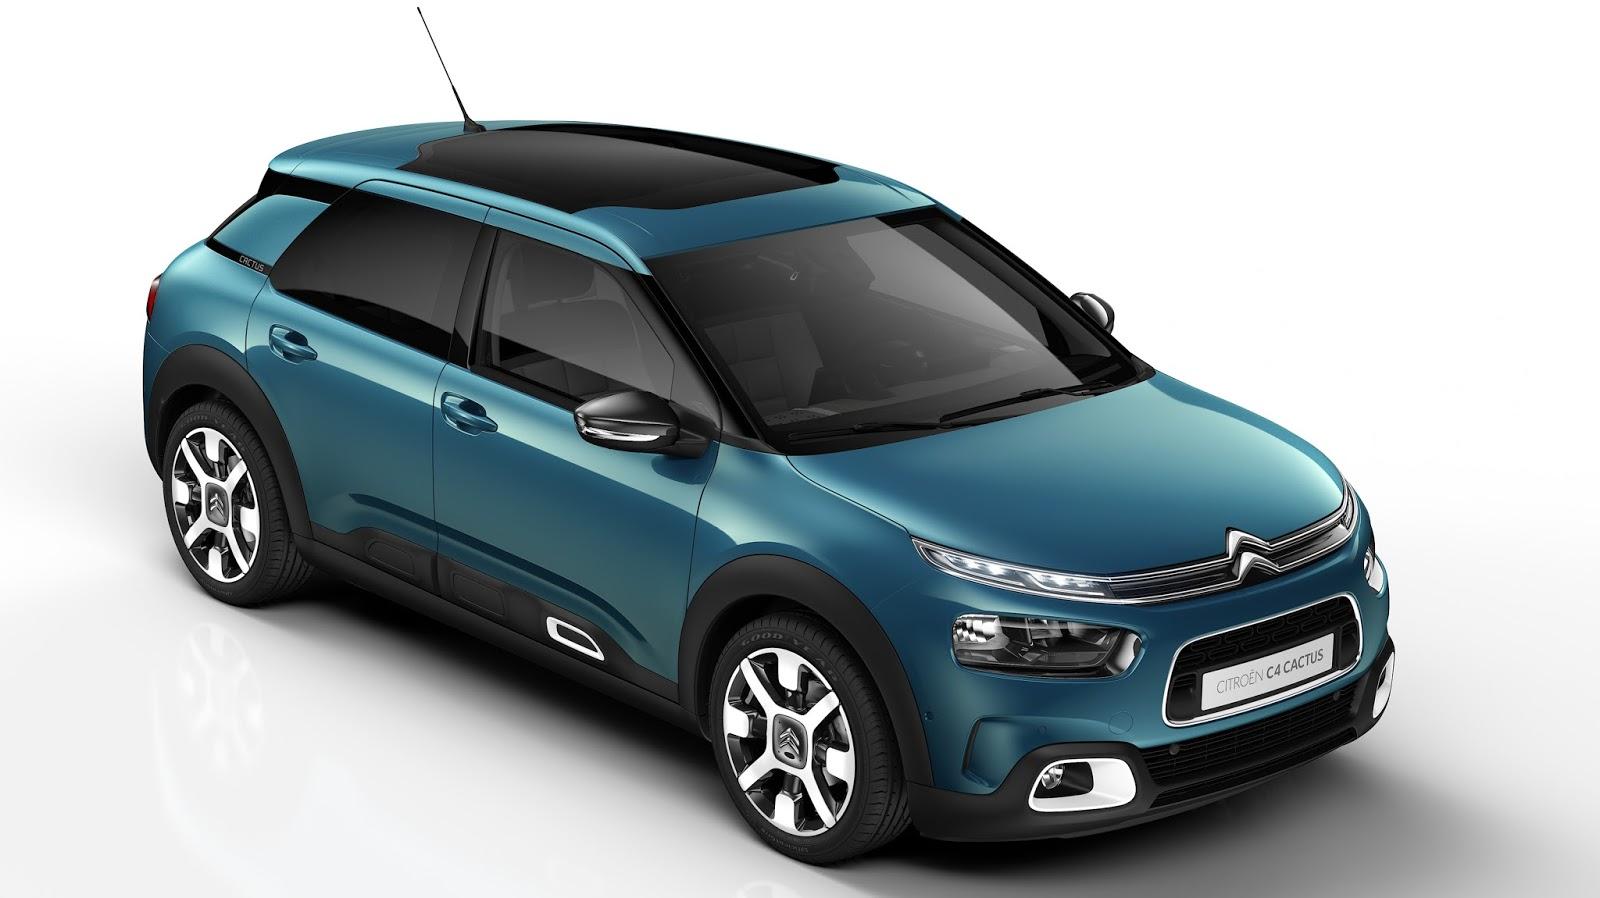 Citroen C4 Cactus Green >> Menos Airbumps, más confort: Citroën renueva al C4 Cactus : Autoblog Uruguay | Autoblog.com.uy